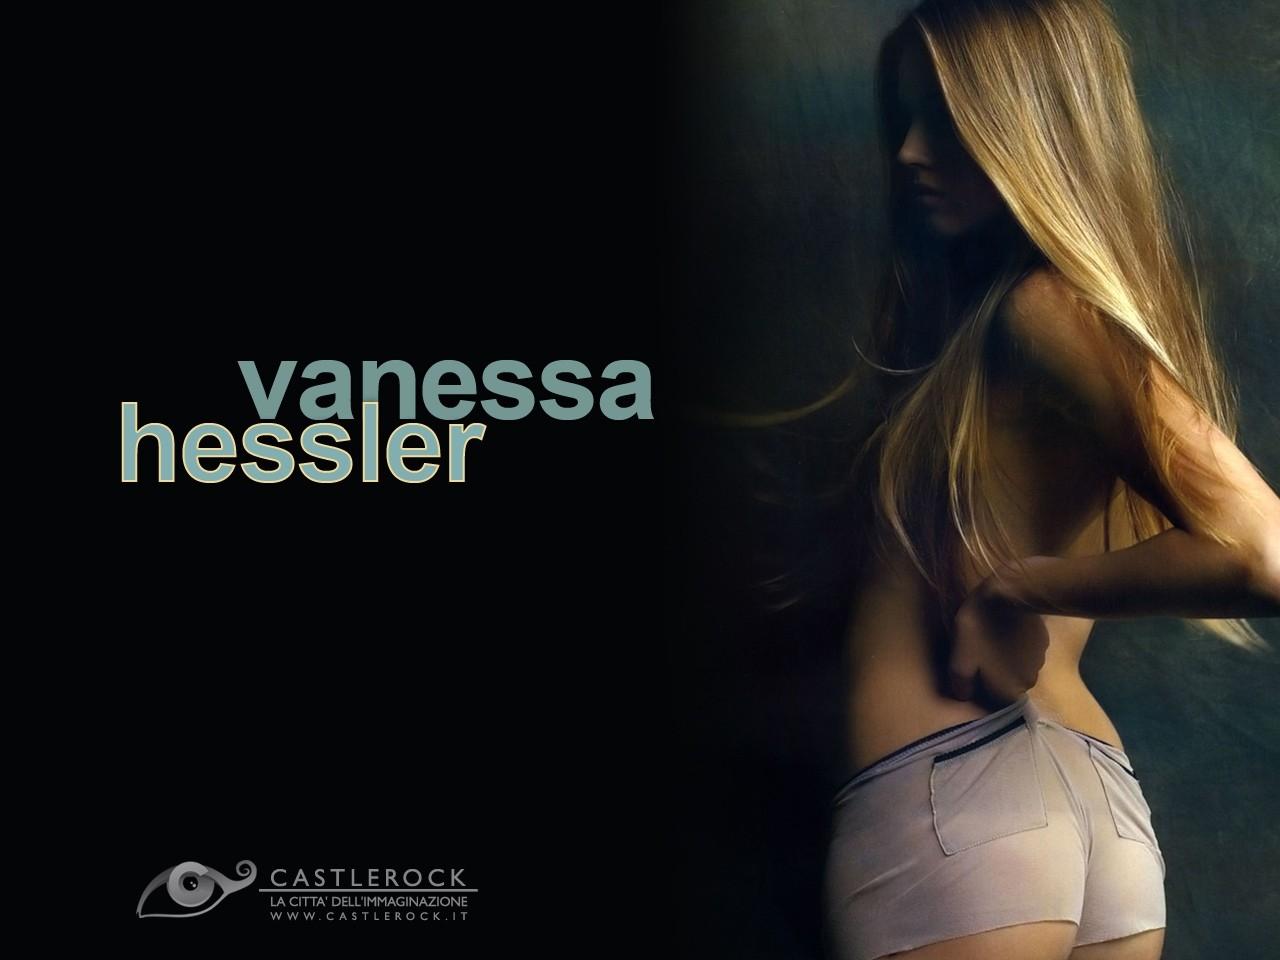 Wallpaper di Vanessa Hessler su fondo nero